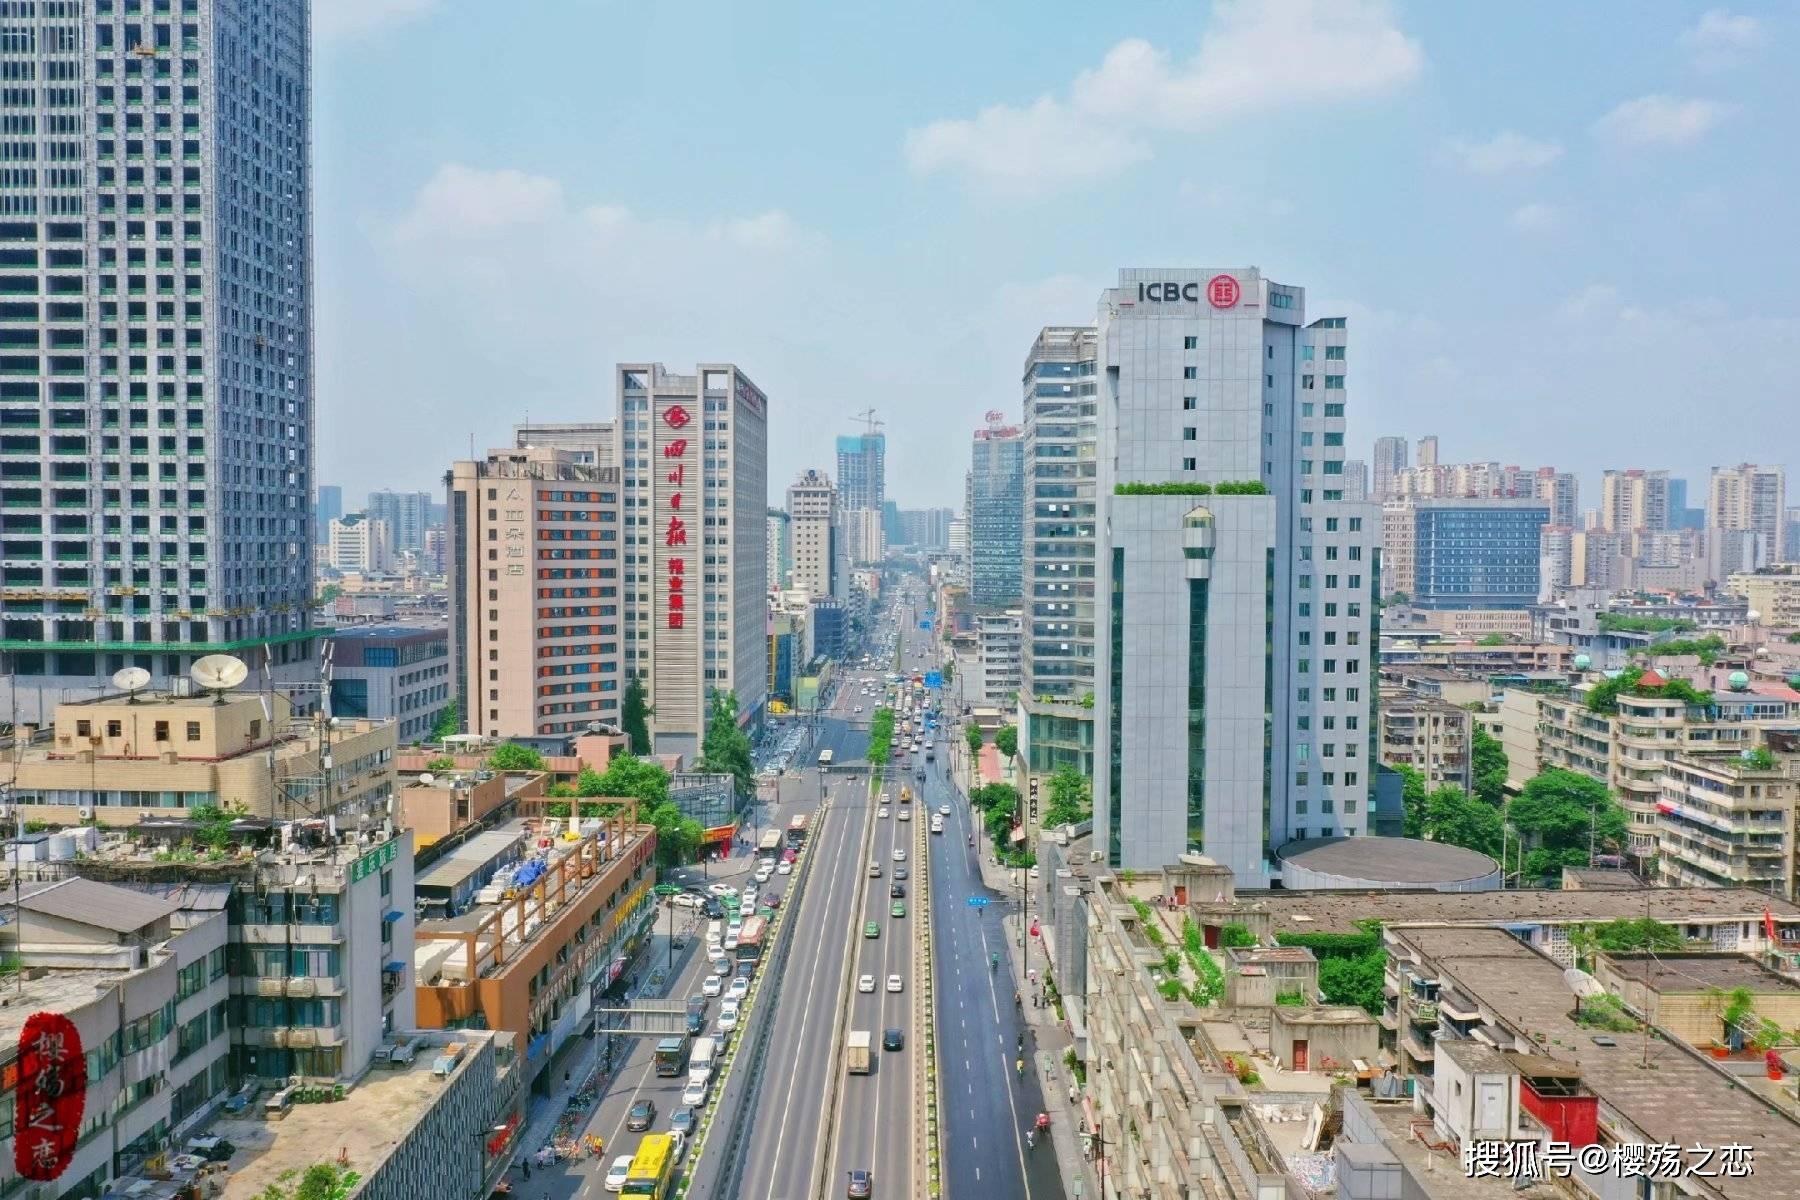 原创              全球十大最具幸福感城市,中国仅有一城入选,网友:实至名归